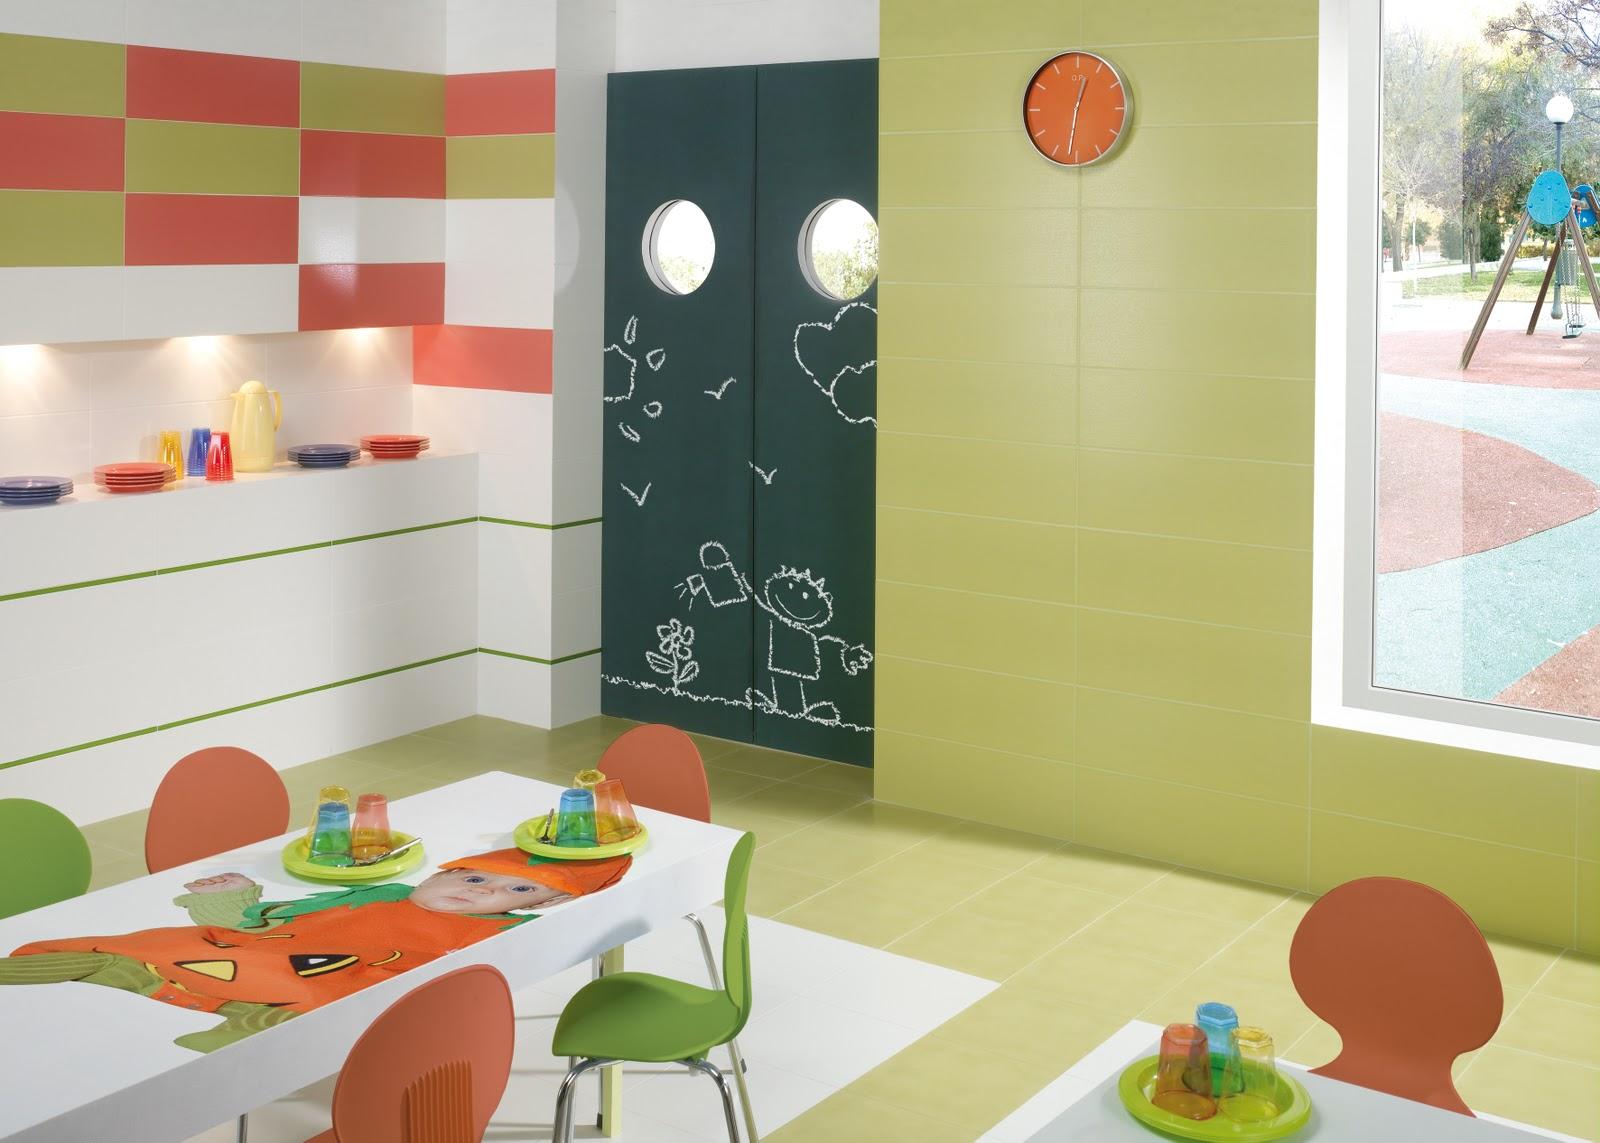 Hogares frescos el significado de los colores en la for Decoracion hogar verde